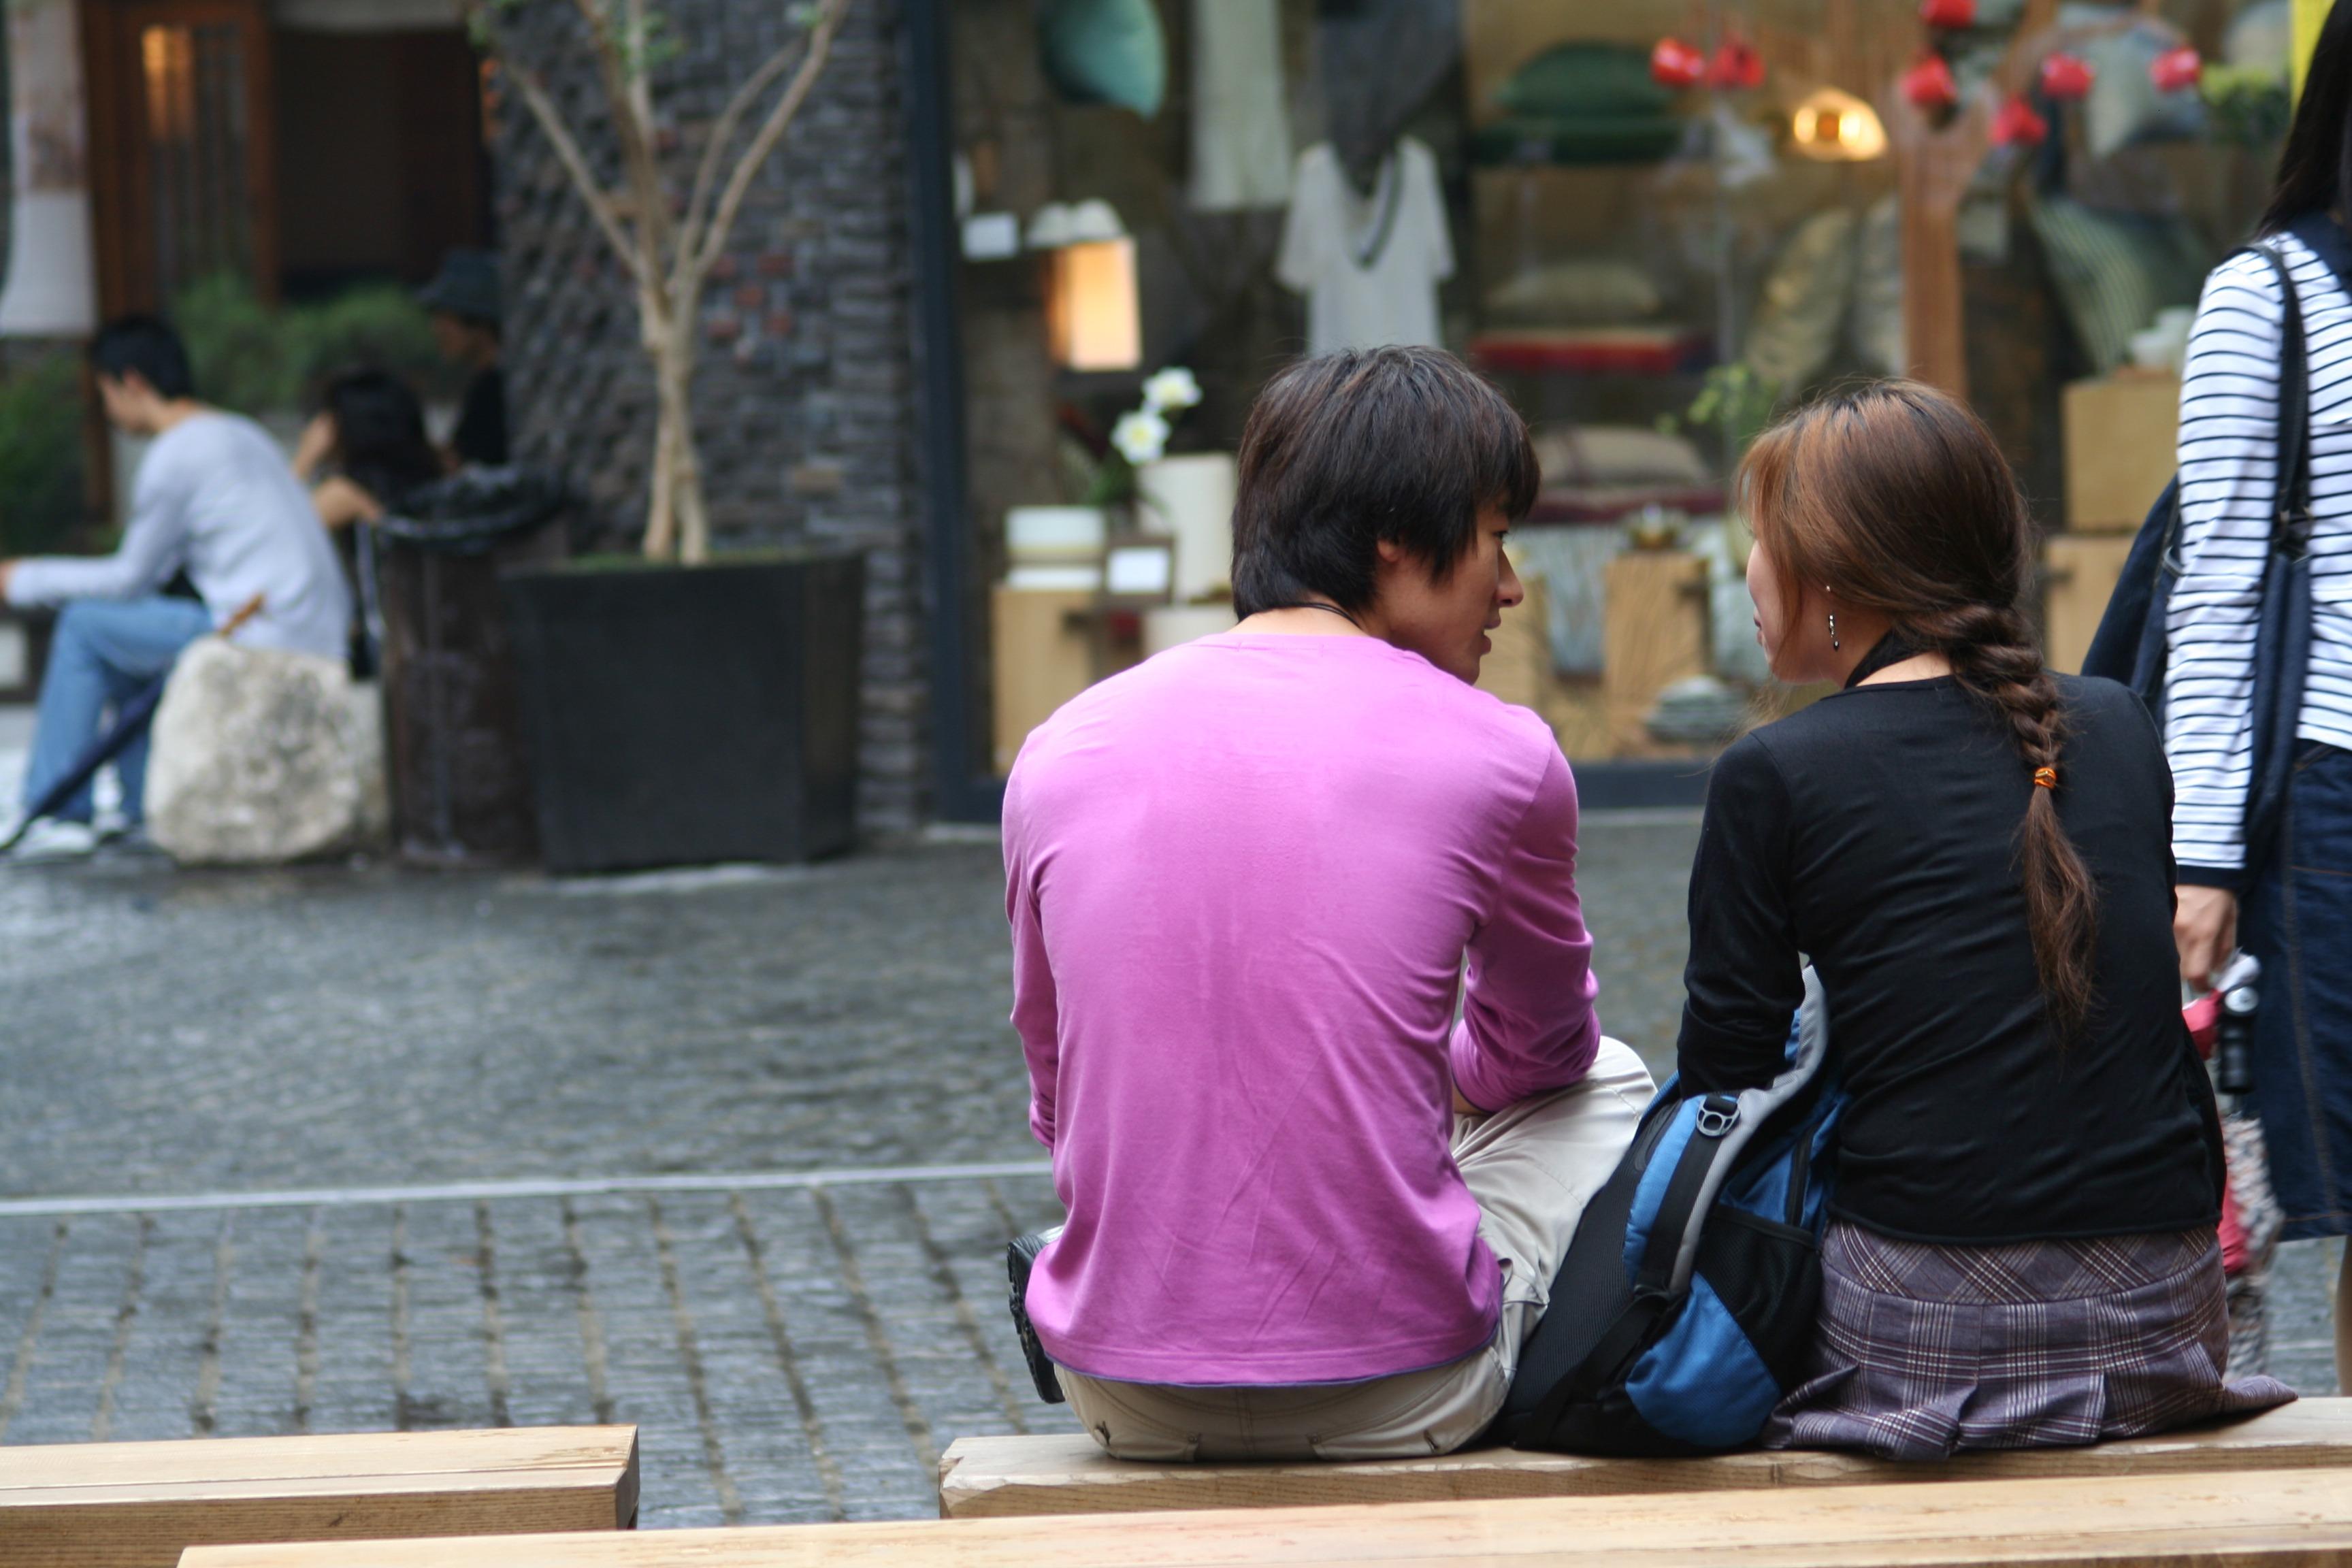 kinesisk dating koreansk pige gratis online dating sites thunder bay